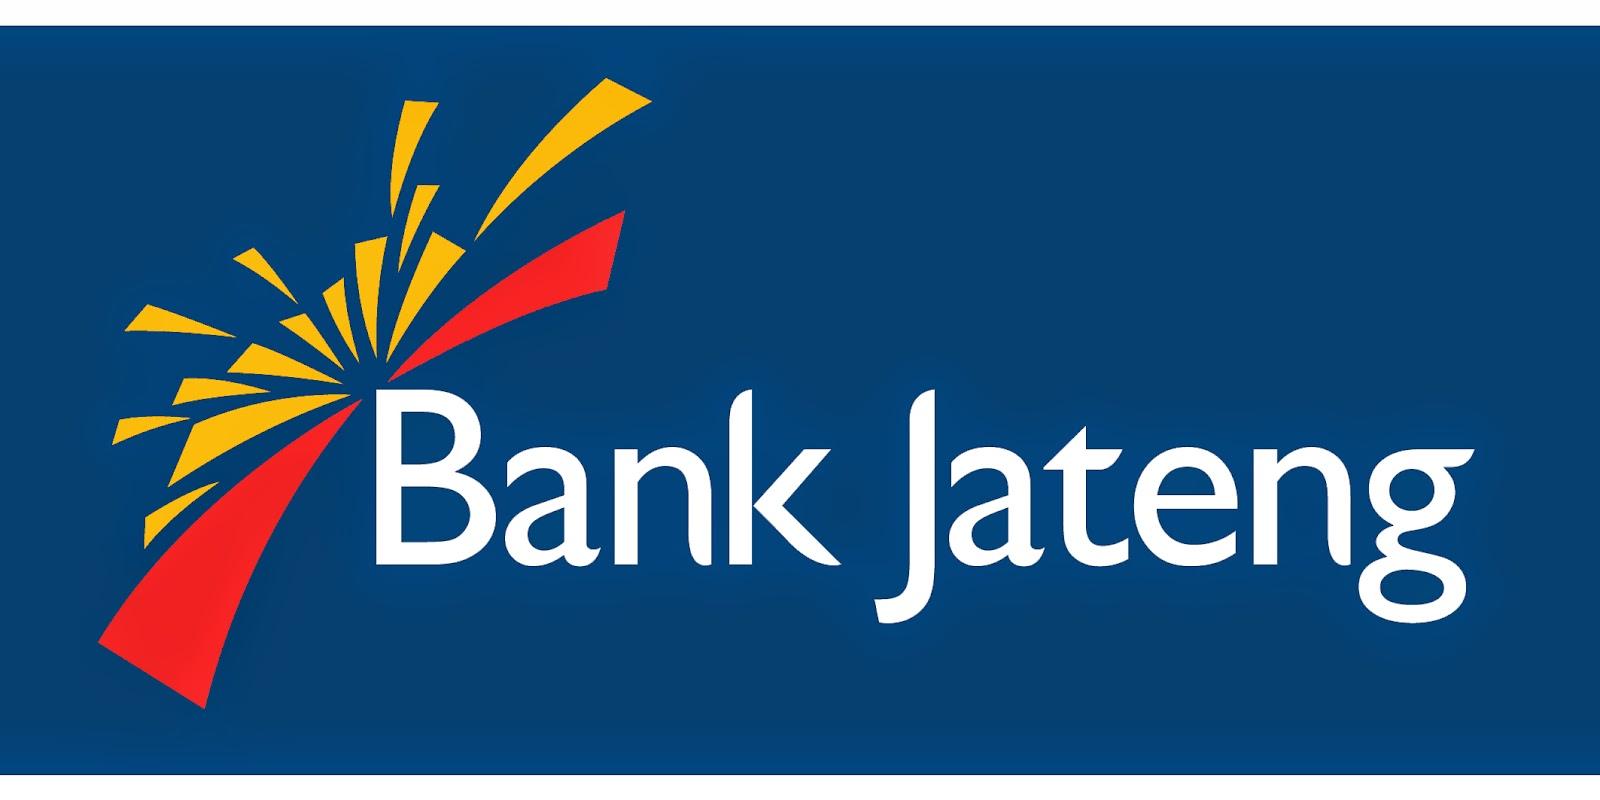 Lowongan Kerja Bank Jateng (Jawa Tengah) Tahun 2014